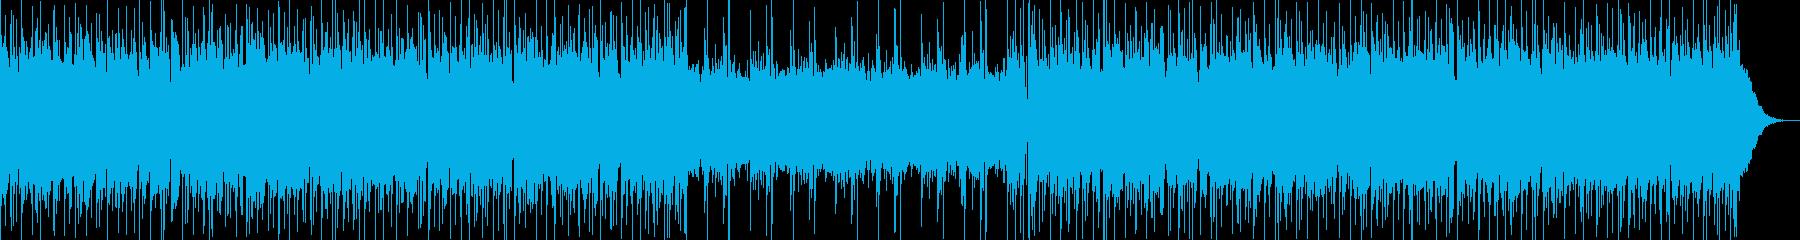 ヒーローが出てきそうなかっこいいBGM4の再生済みの波形